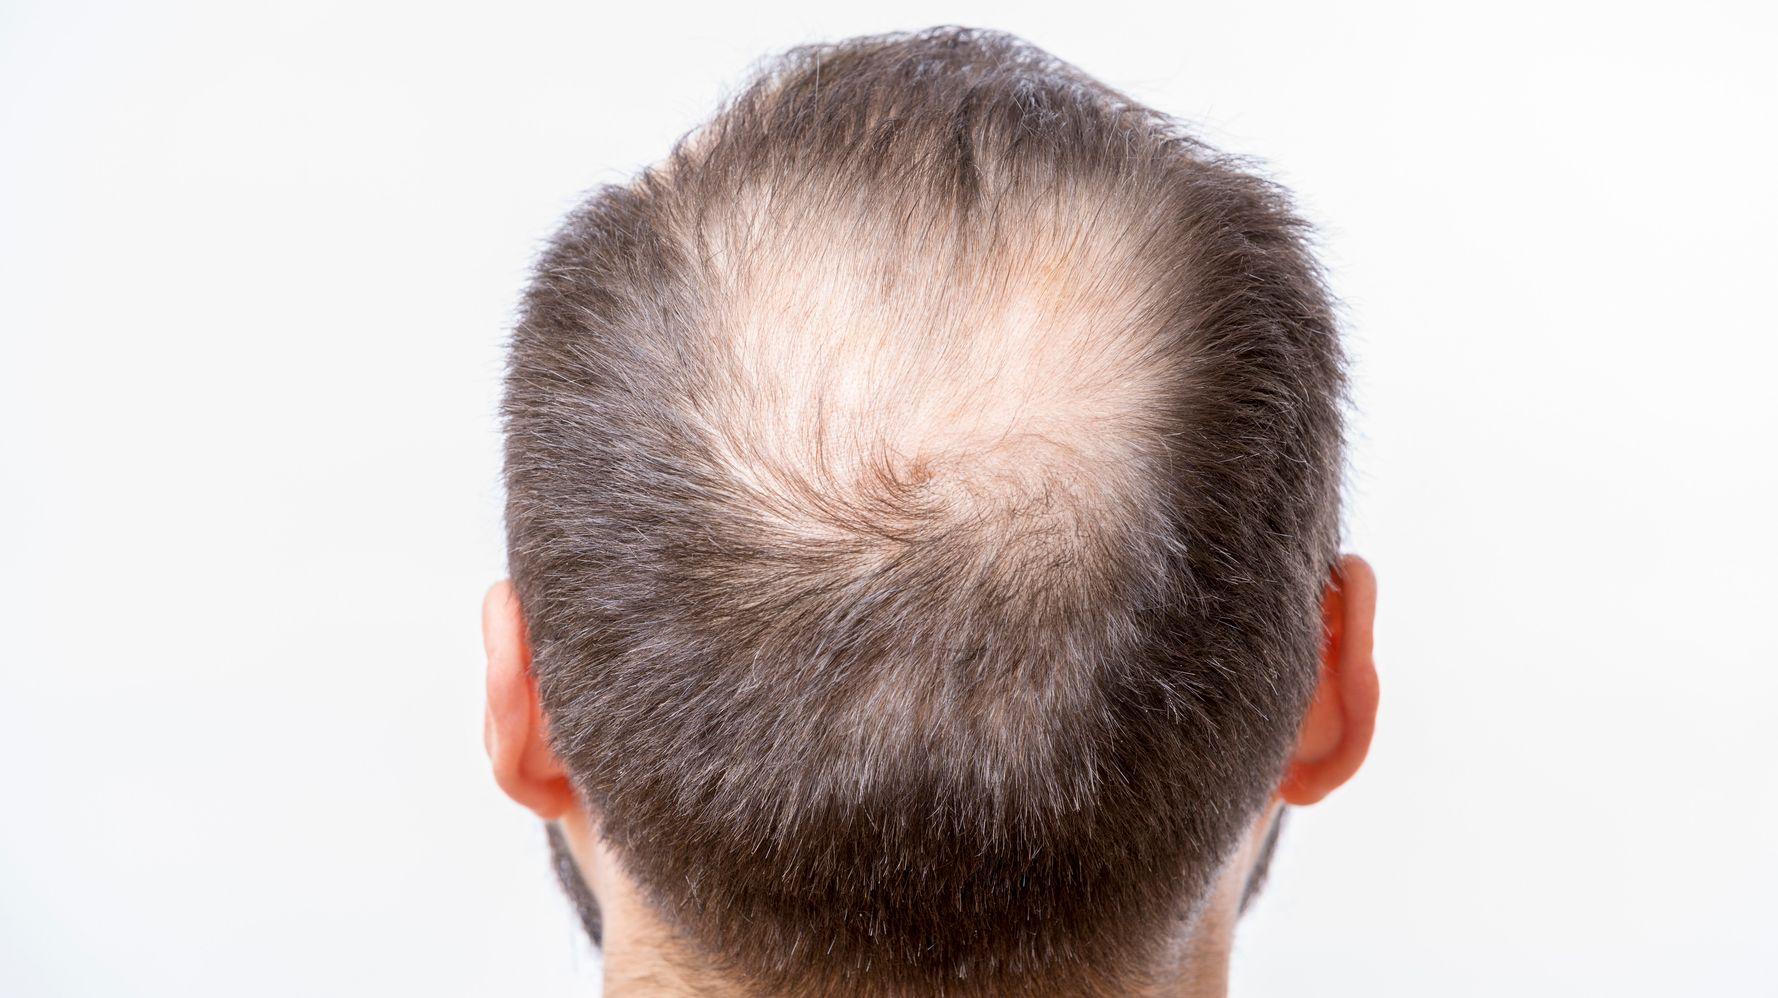 Alopecie Calvitie Pelade 10 Mythes Et Realites Sur La Perte De Cheveux Huffpost Quebec Vivre